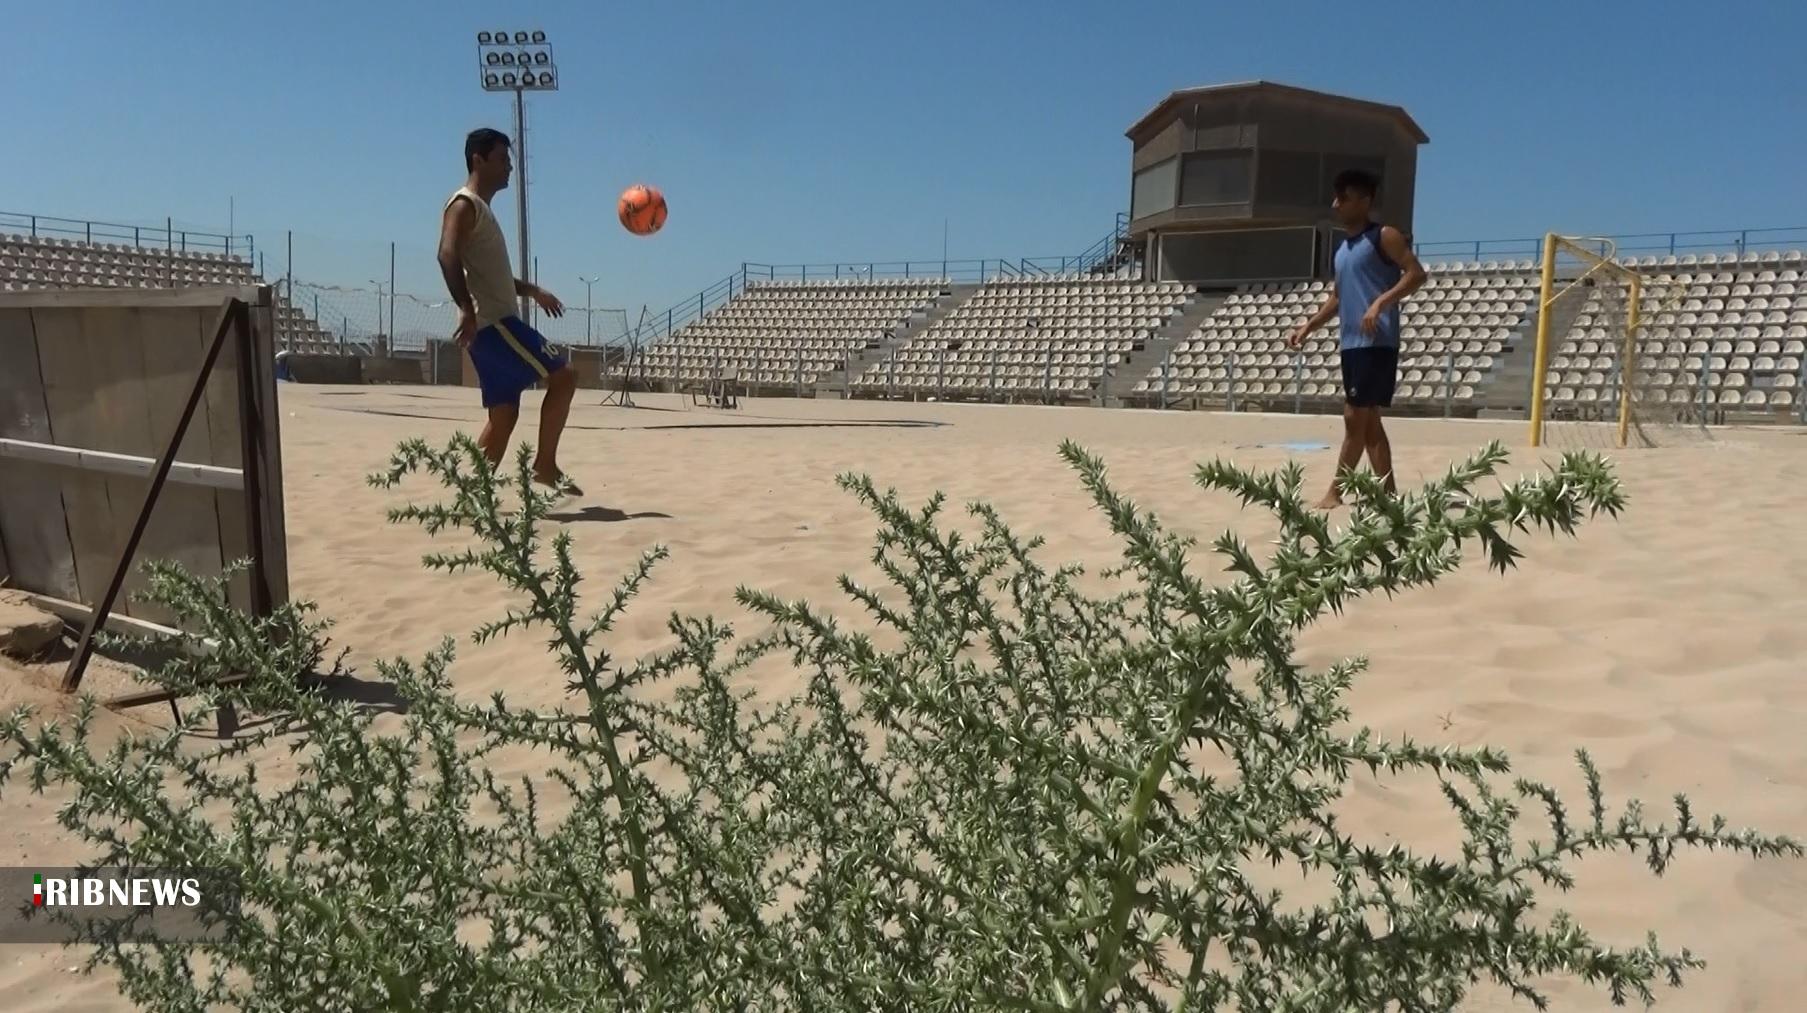 تیم فوتبال ساحلی پارس جنوبی در بلاتکلیفی / خاری در گلو خاری در پا